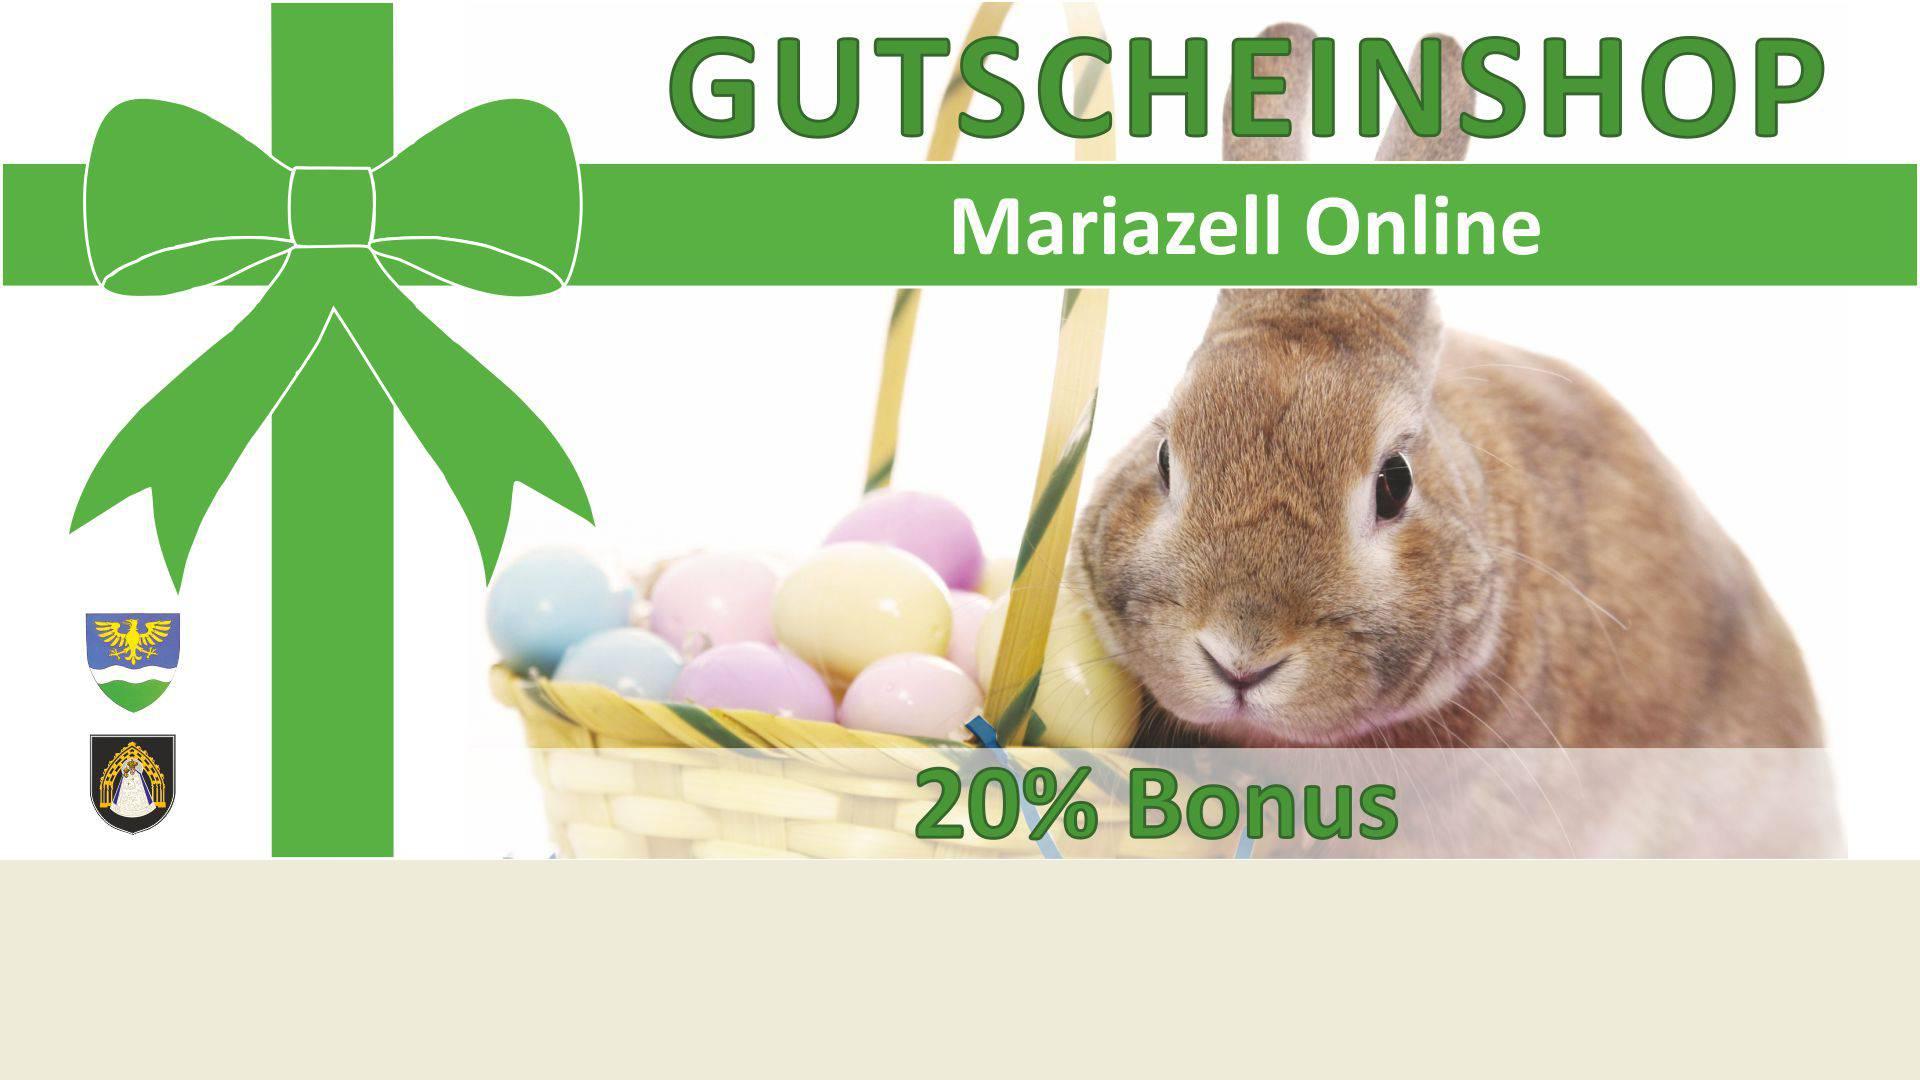 Mariazell Online Gutschein-Shop – Jetzt mit 20% Bonus